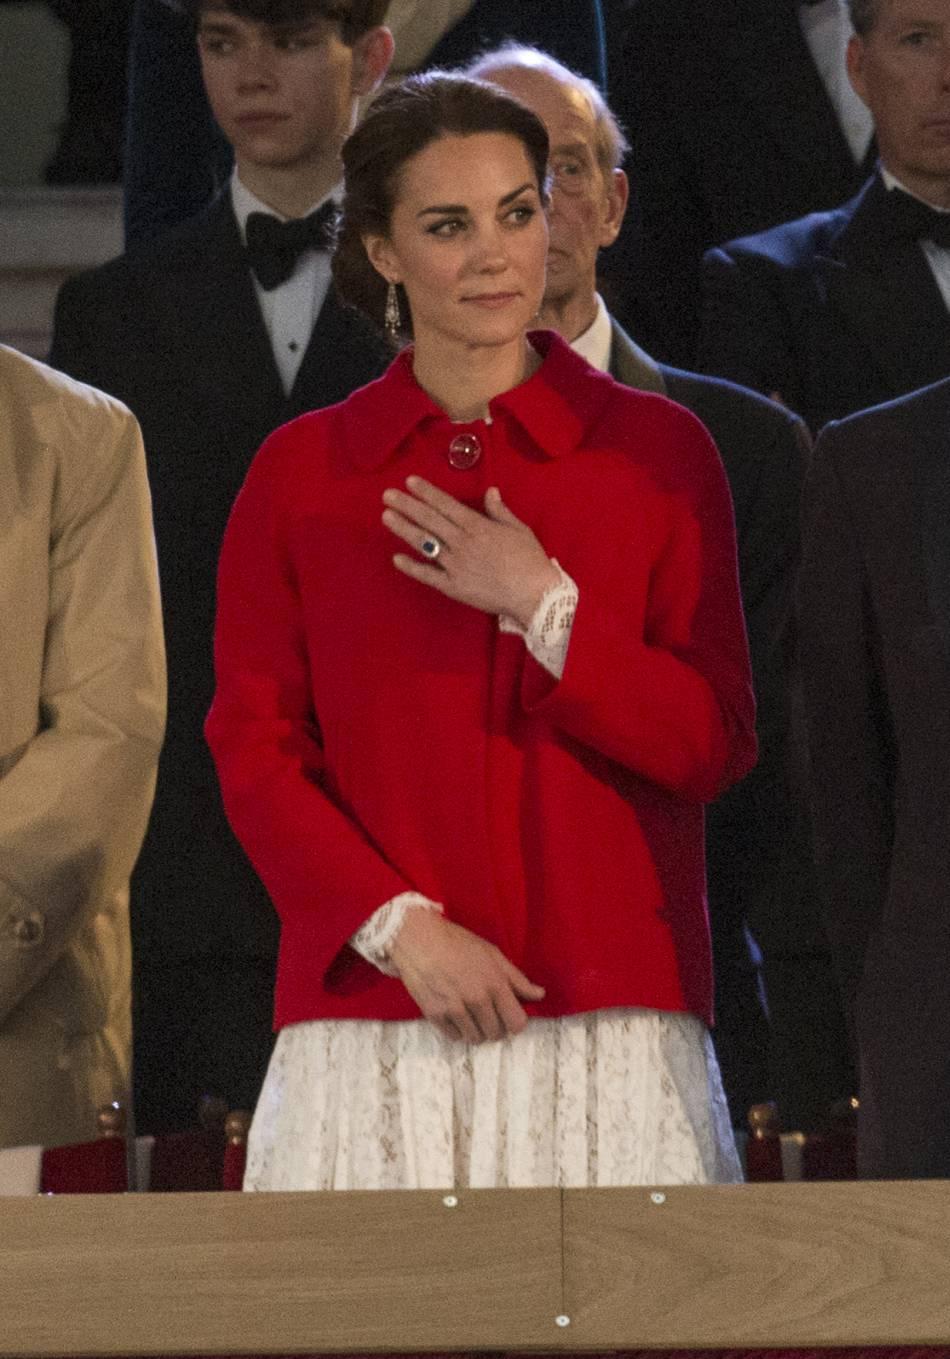 Kate Middleton aime mélanger les genre : ici elle porte un manteau Zara et une robe Dolce & Gabanna. Ce genre de mix est sa marque de fabrique.